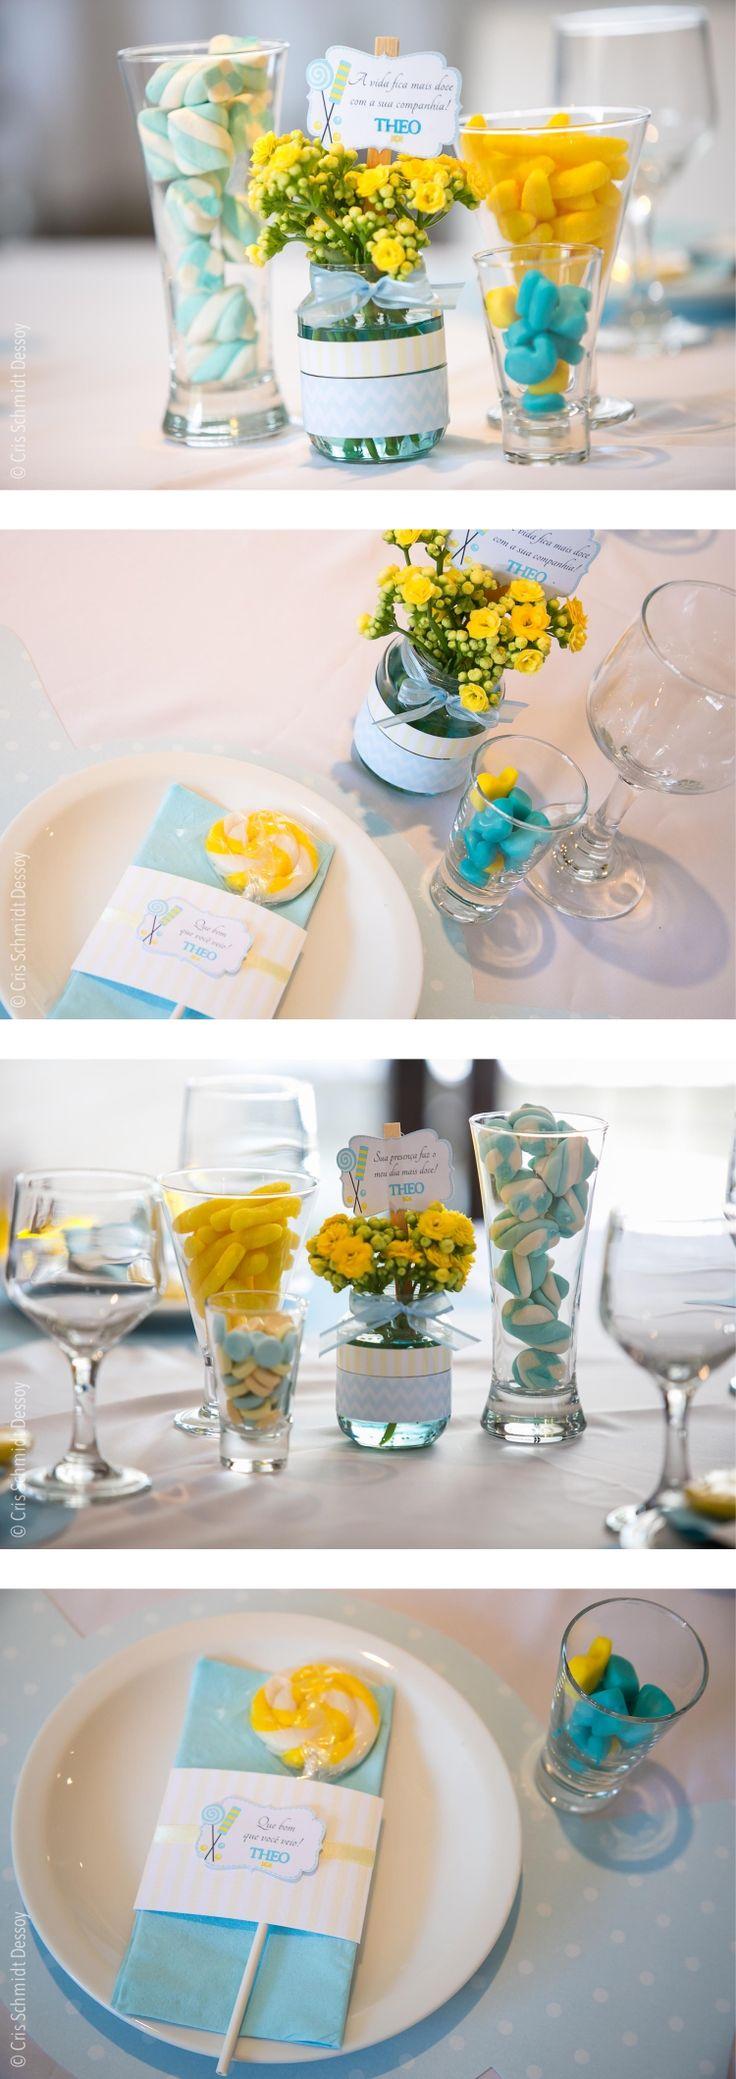 Festa Loja de doces: decoração das mesas Candy shop party: tables deco